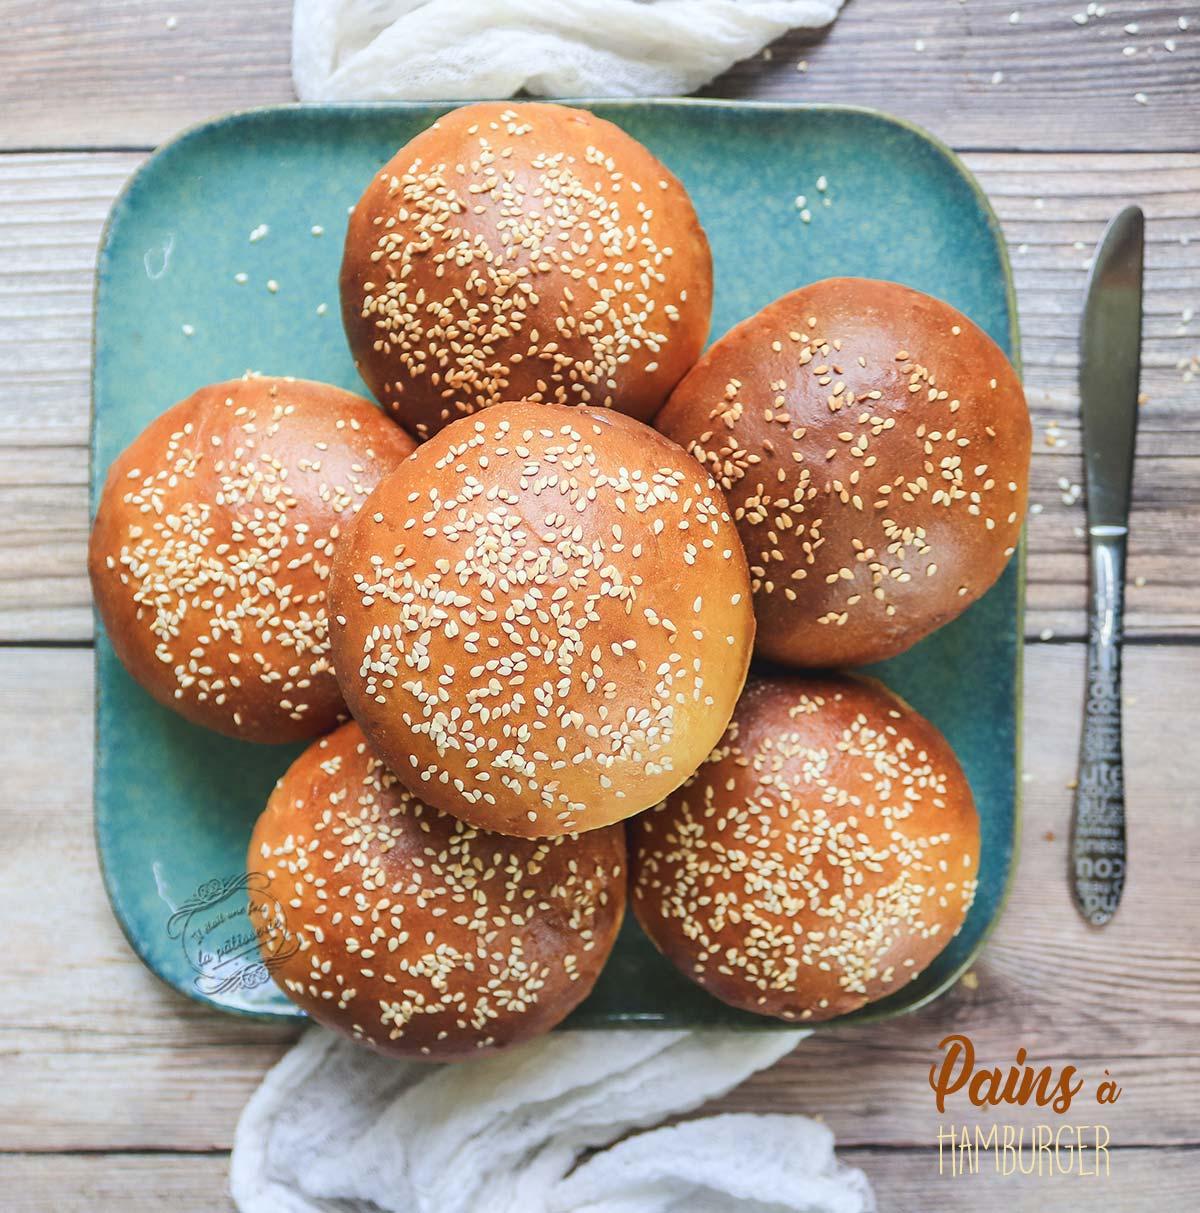 pains-hamburger-recette